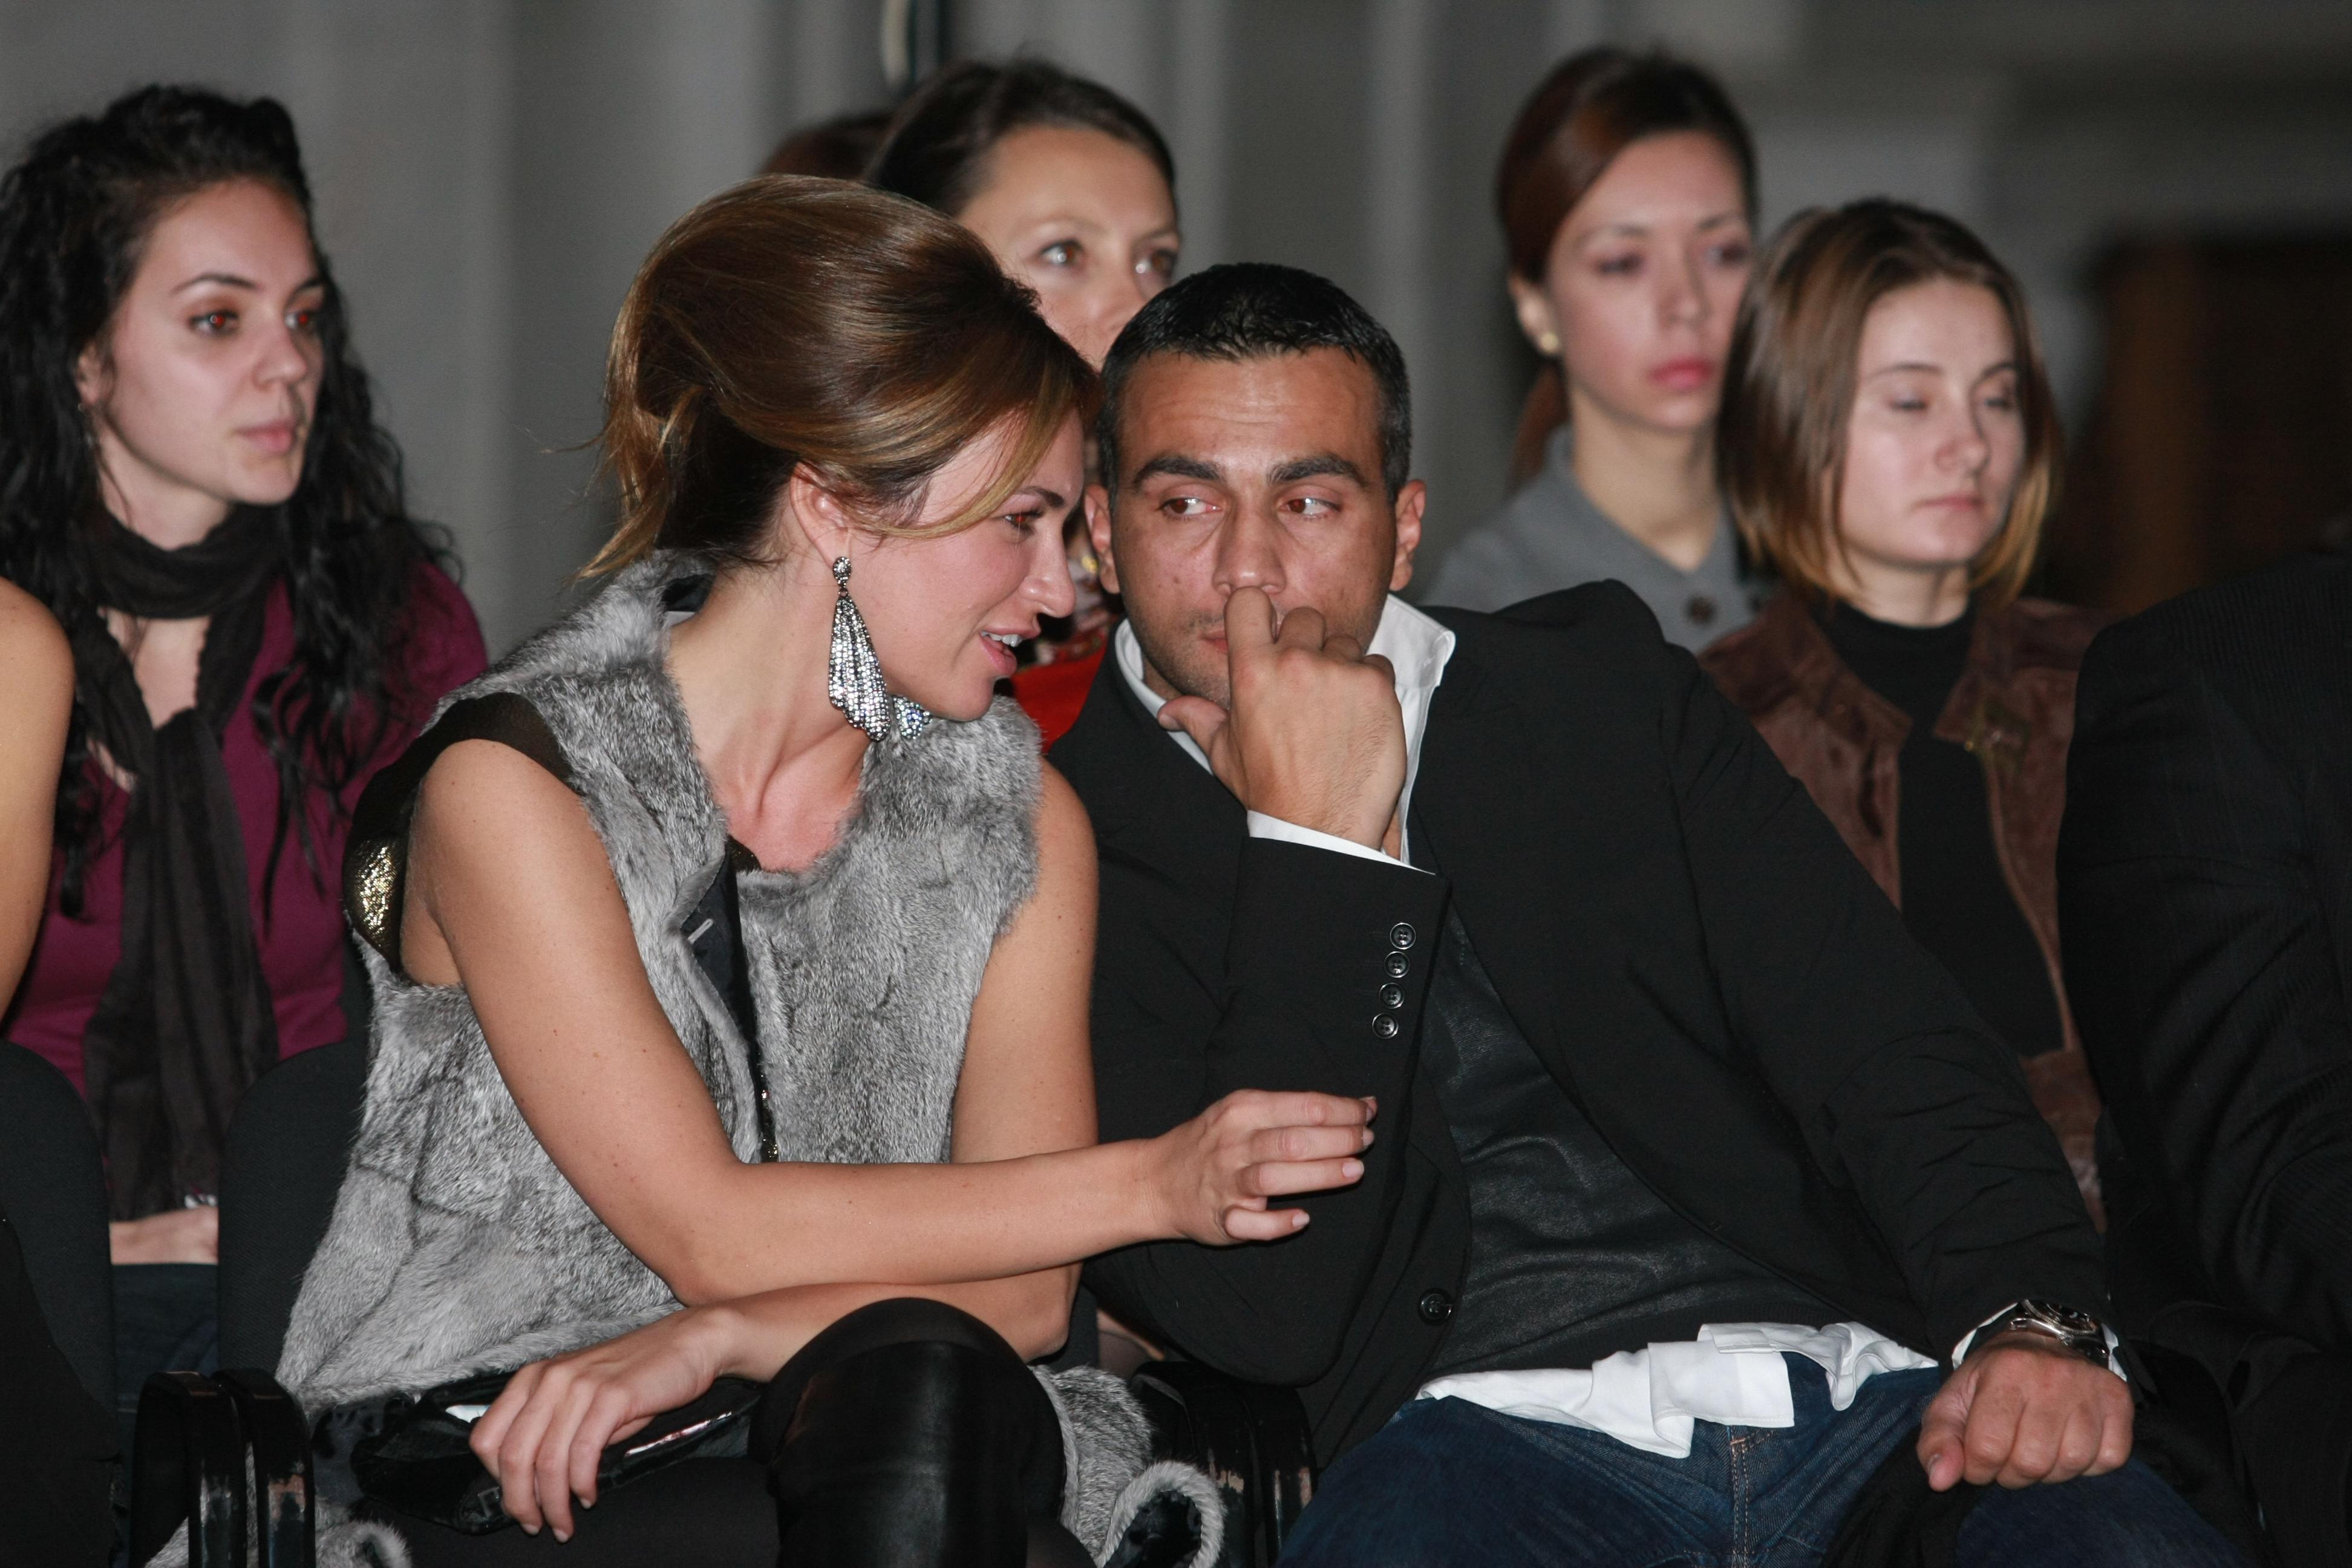 Linistea cuplului Marinescu-Colin a fost dinamitata, in aprilie 2013, cand afaceristul a fost retinut la Paris, intr-un caz de trafic de droguri la scara mare